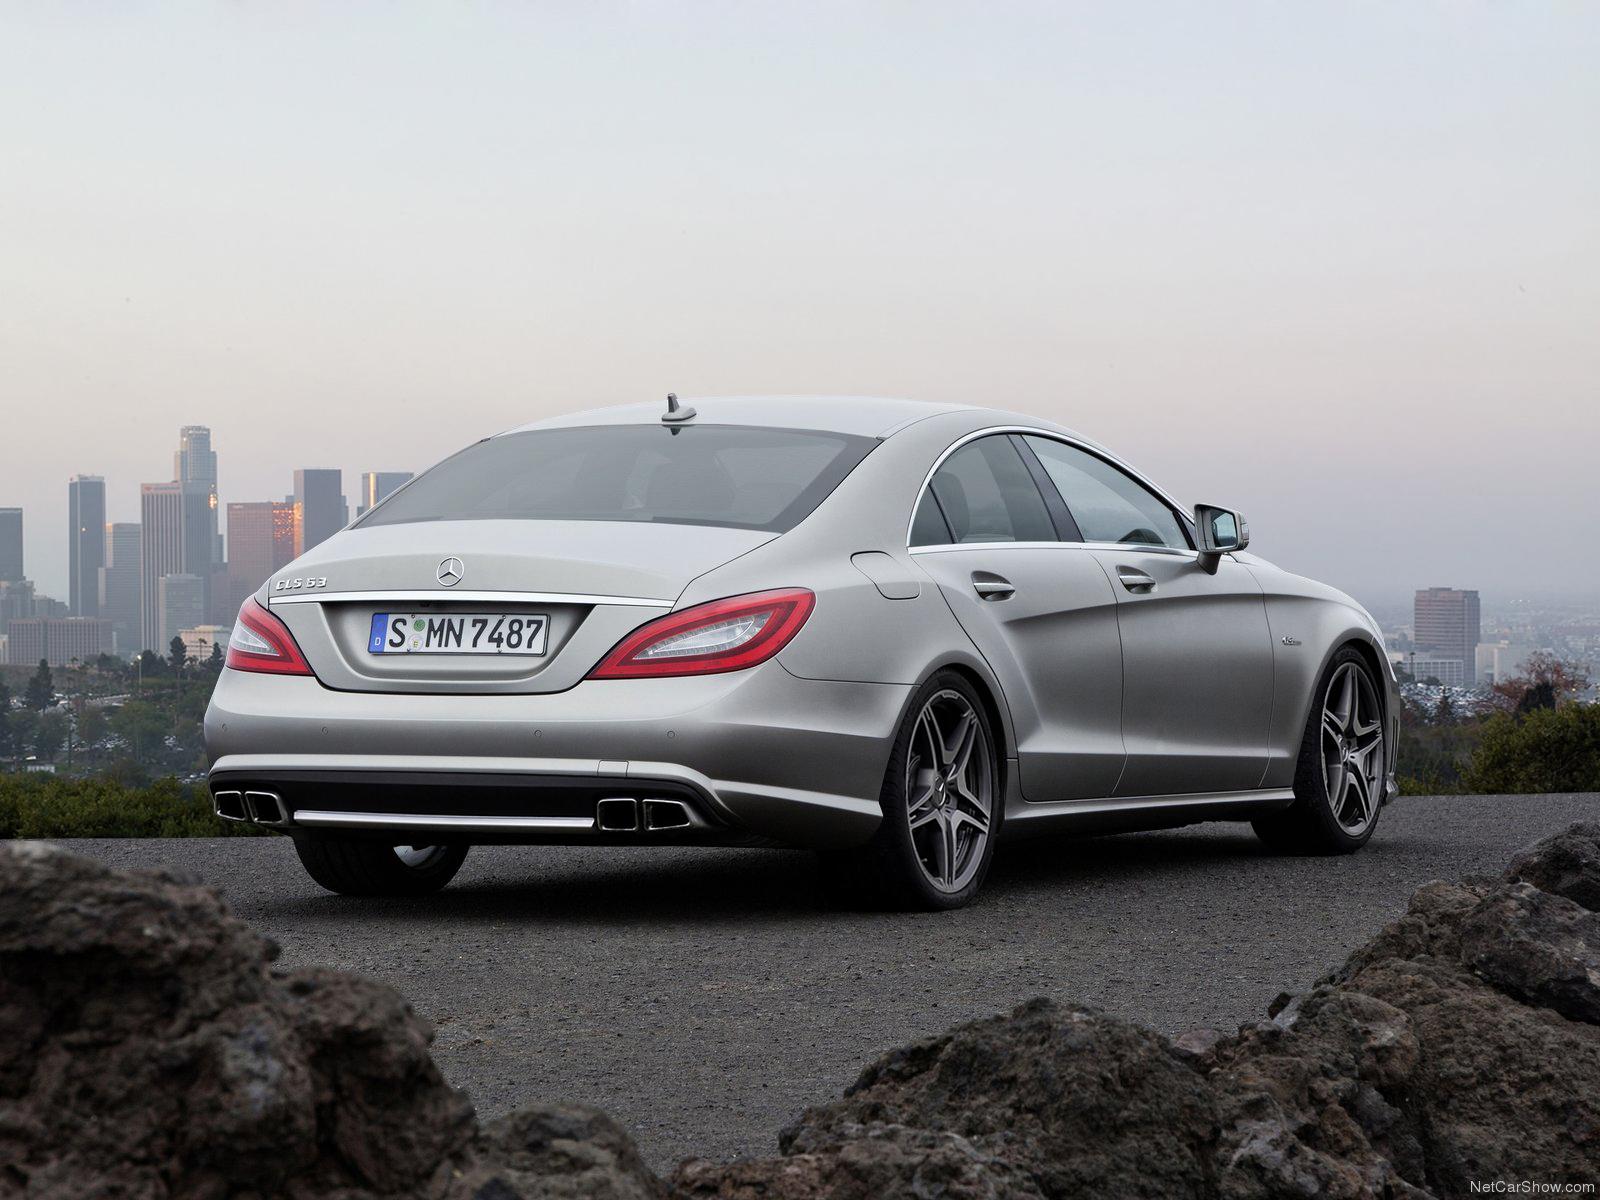 Mercedes Benz CLS 350 Seite 1 pagenstecher Deine Automeile